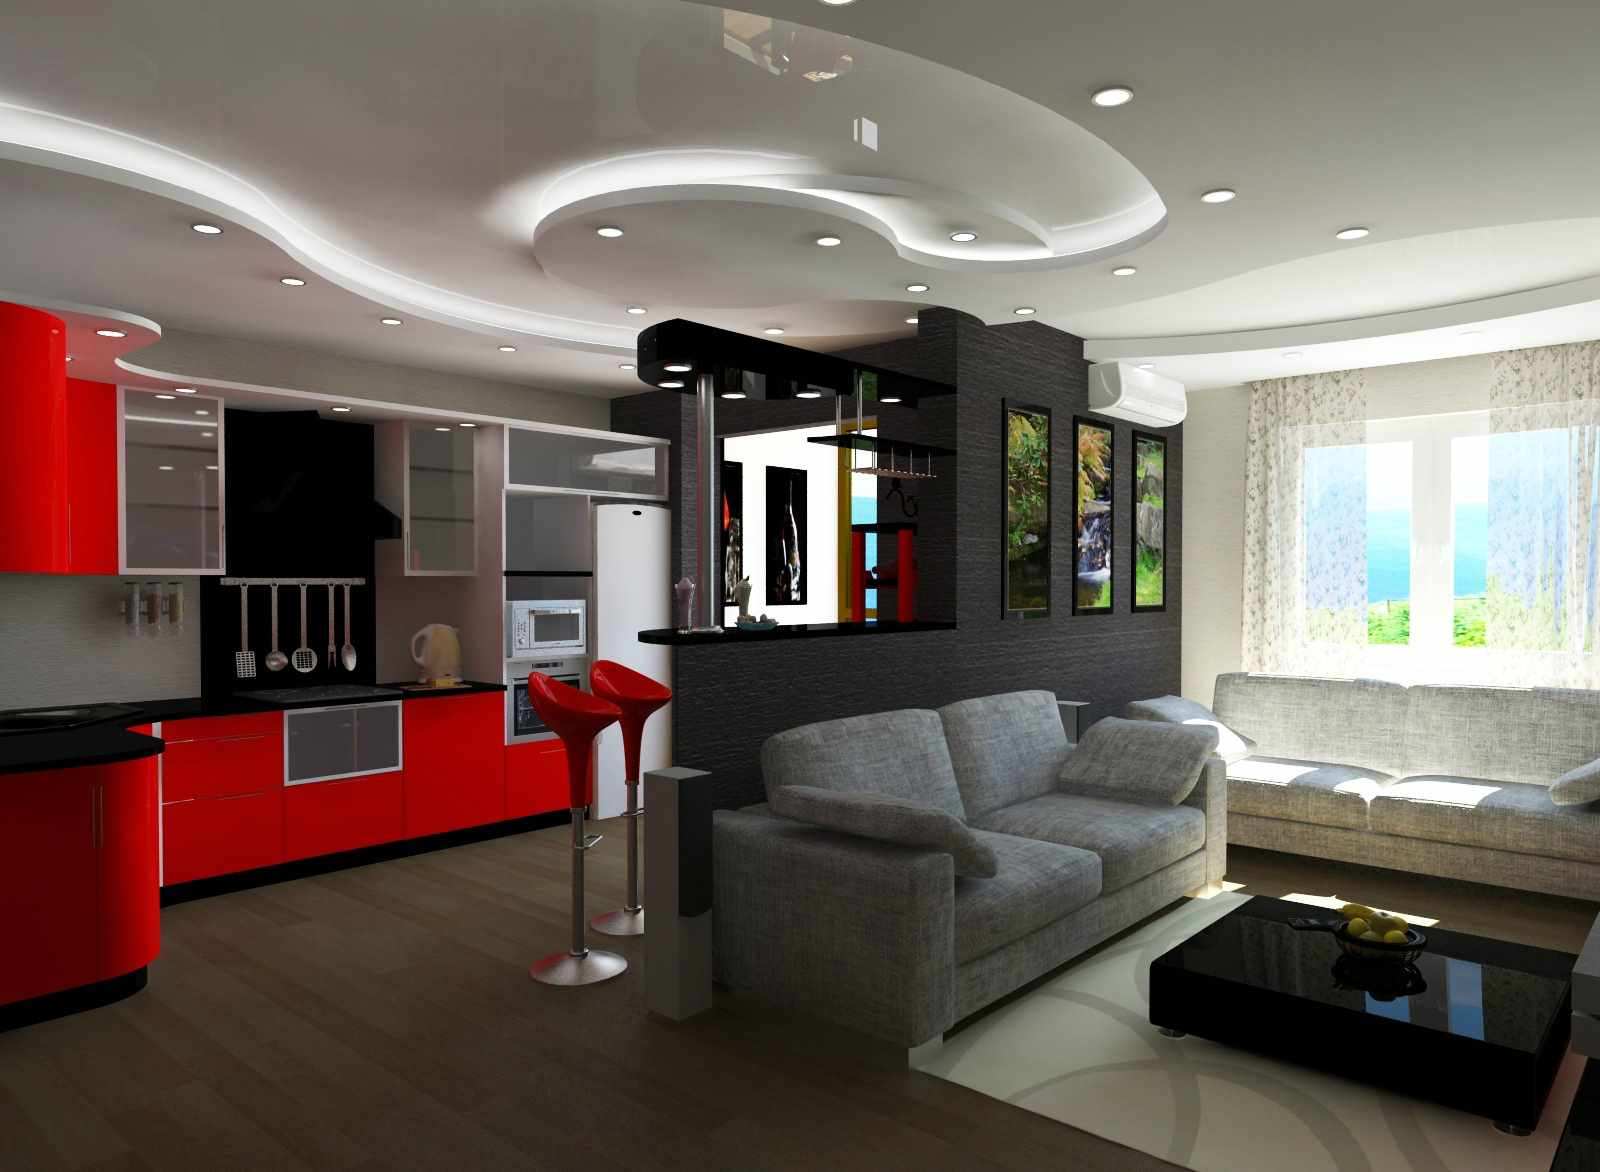 Дизайн домашнего кинотеатра. Особенности обустройства комнаты для просмотра фильмов